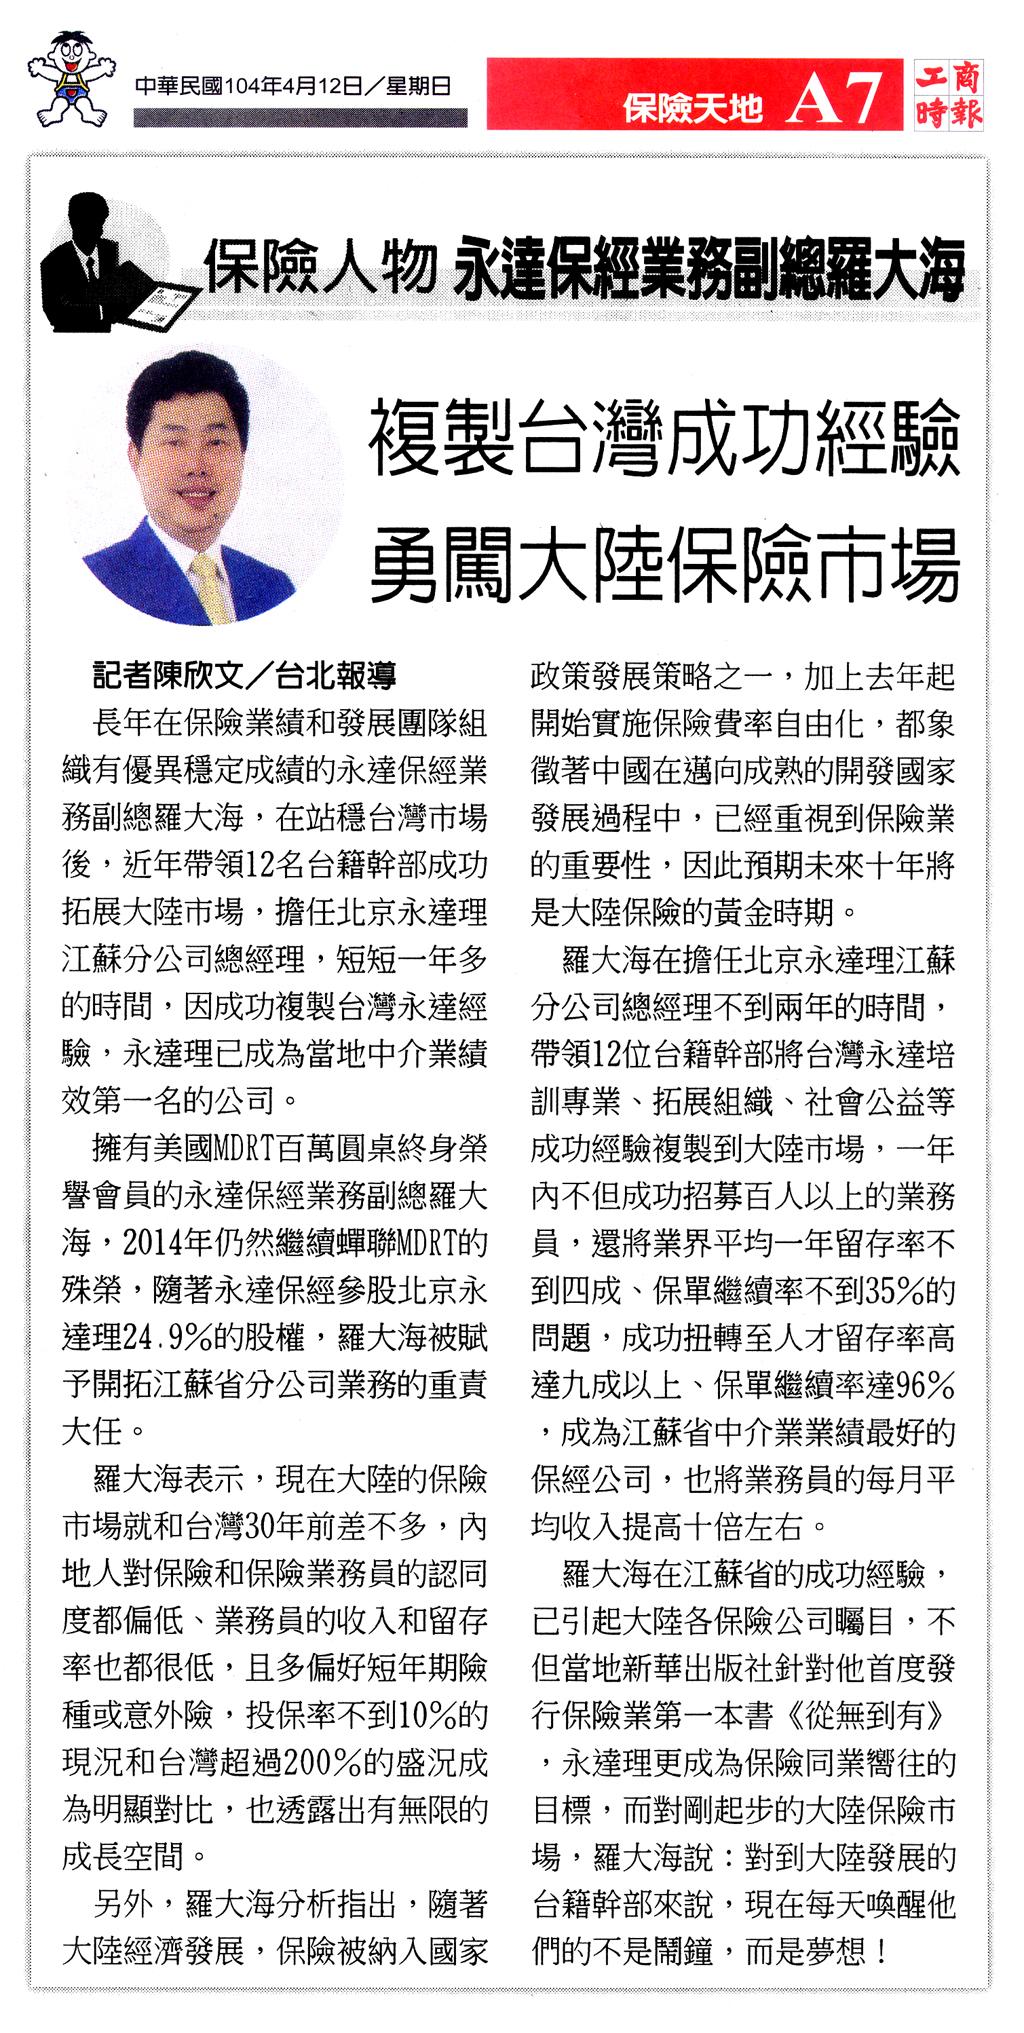 永達保經業務副總羅大海 複製台灣成功經驗 勇闖大陸保險市場報導圖檔